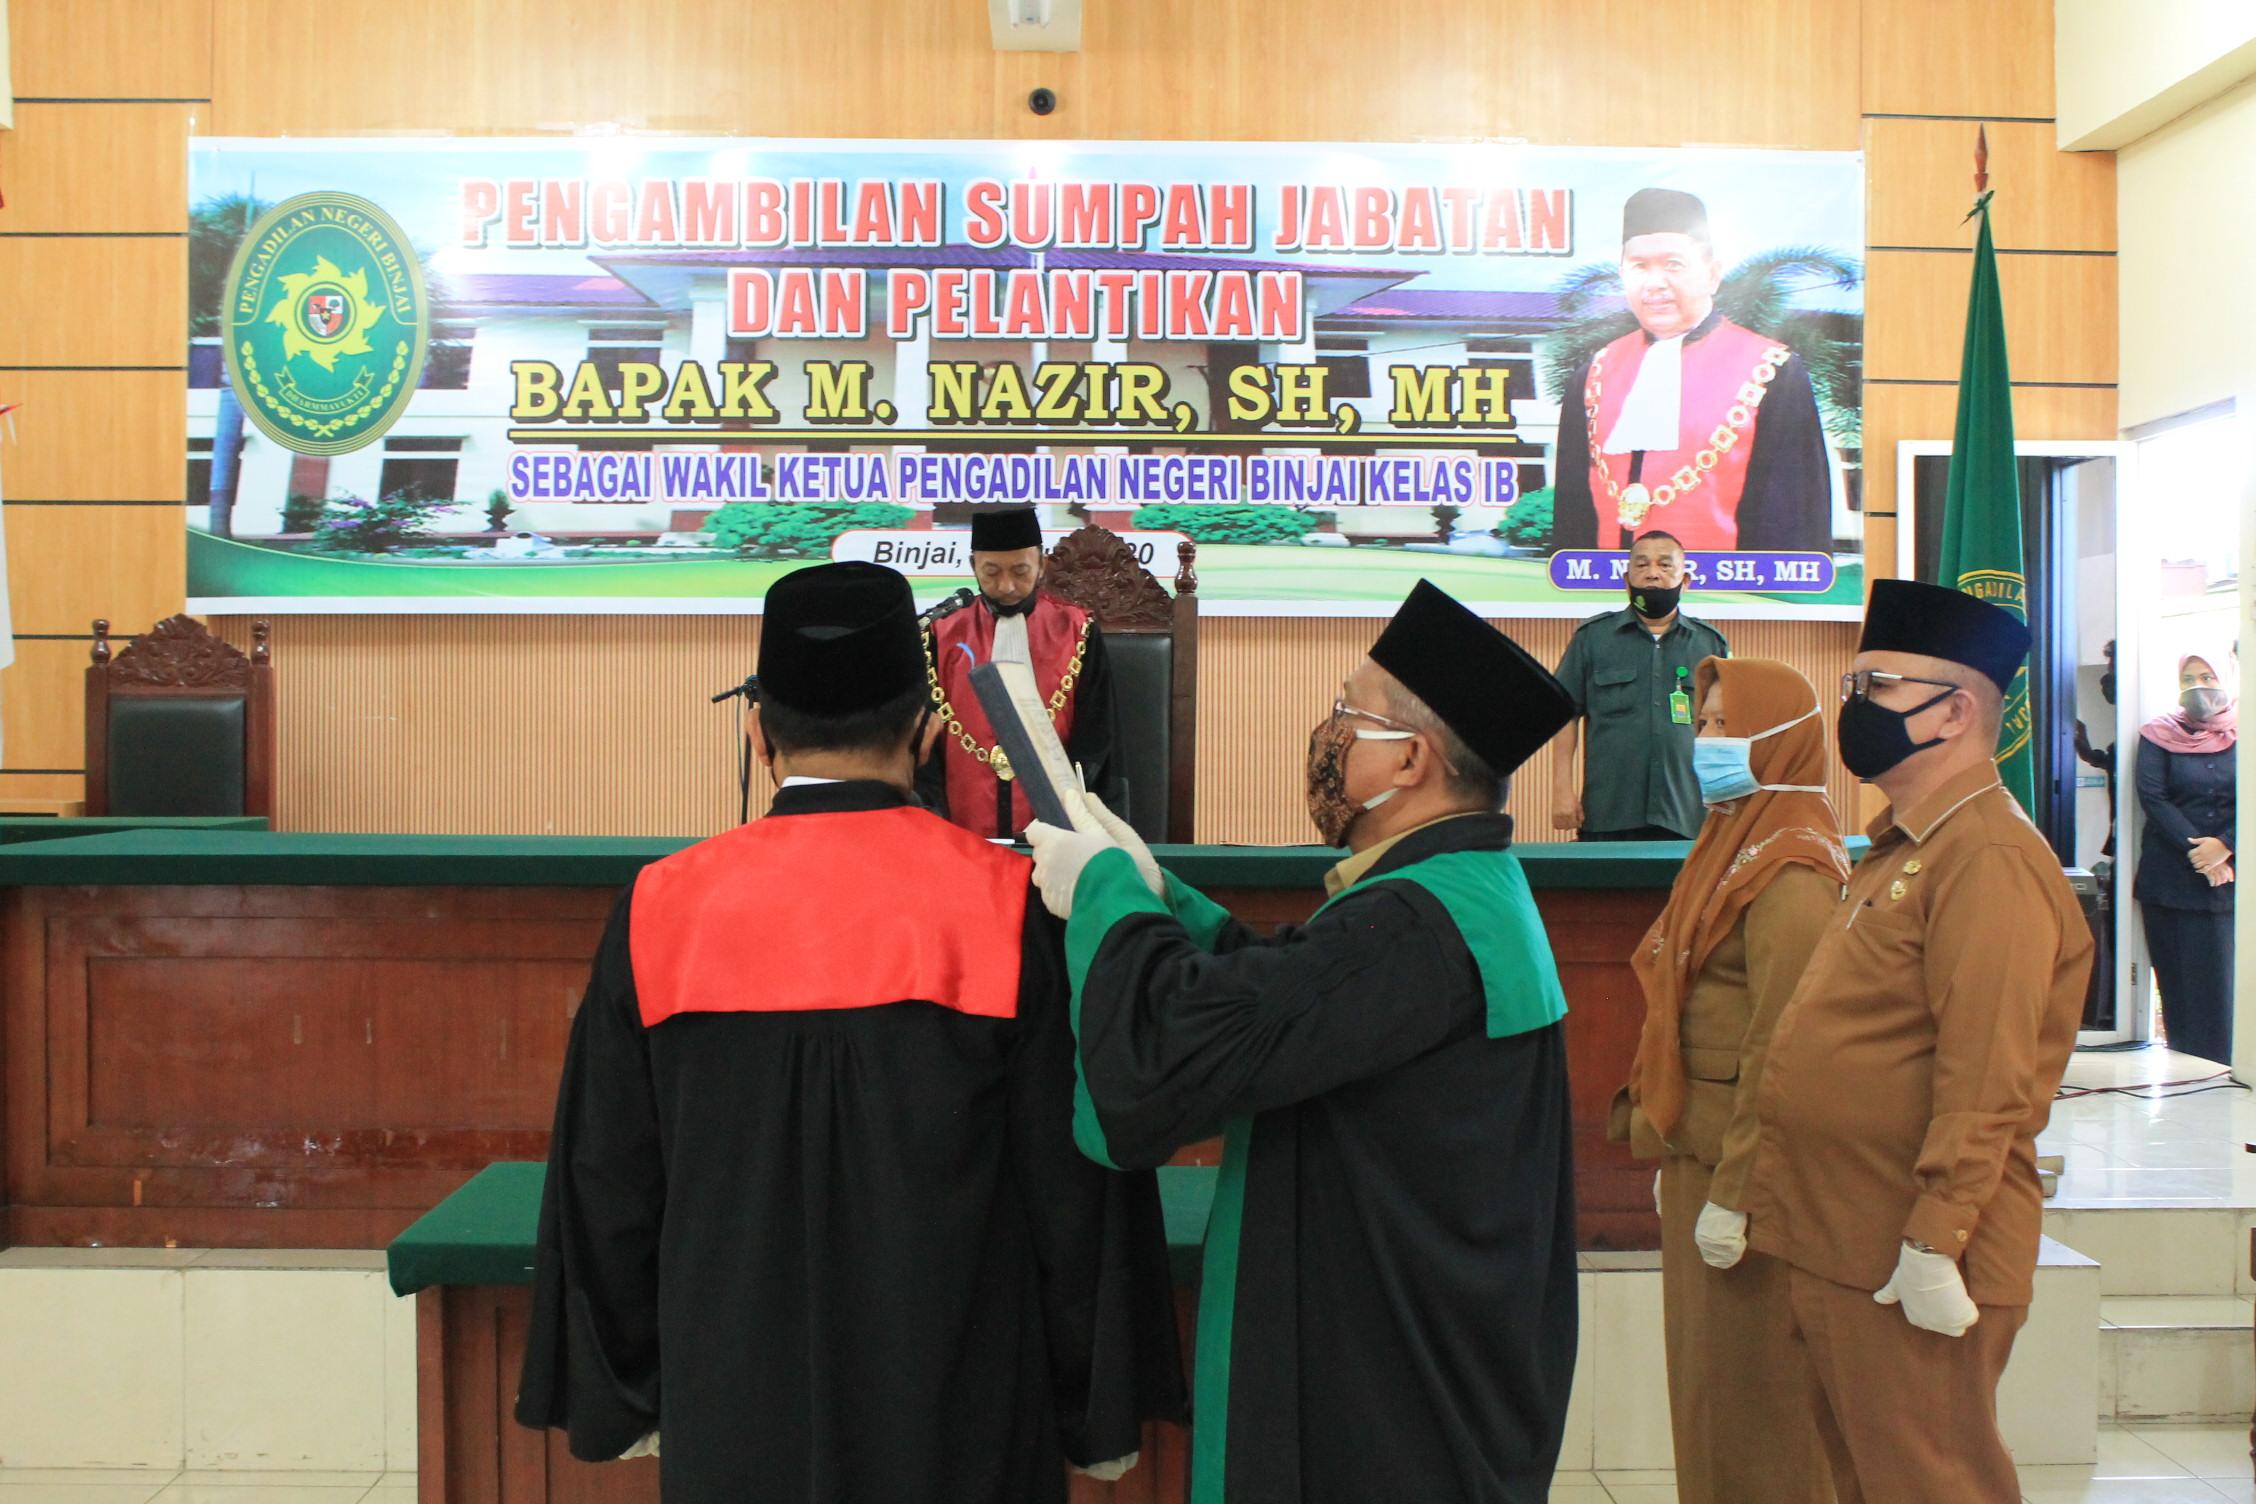 Pelantikan Wakil Ketua Pengadilan Negeri Binjai Bapak M. NAZIR, S.H., M.H